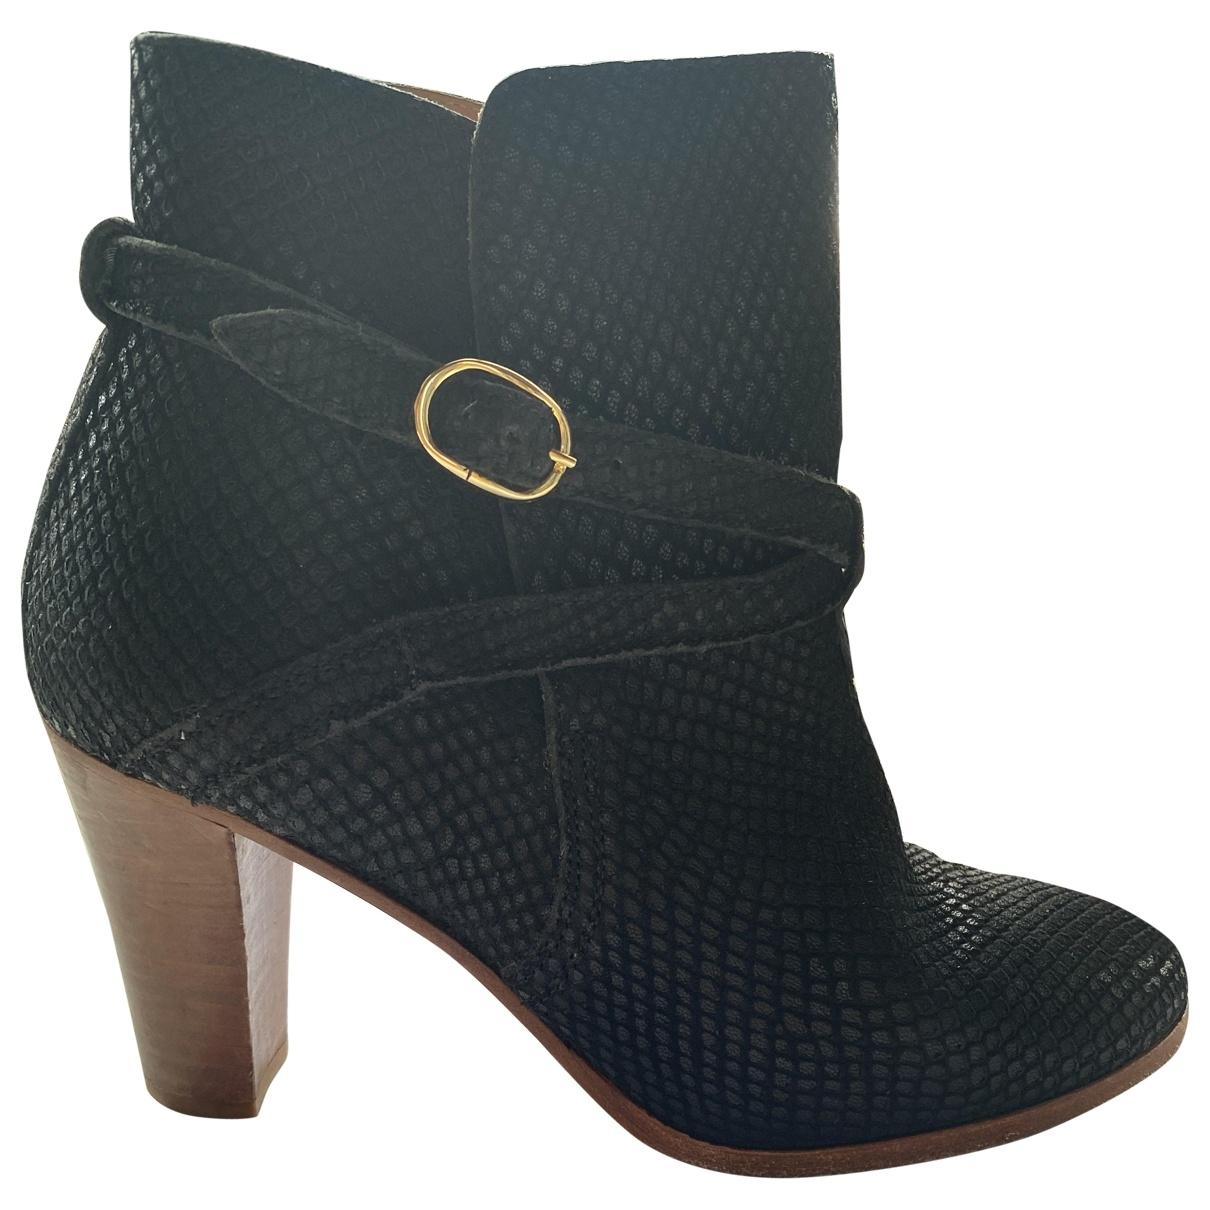 Sezane - Boots   pour femme en cuir - noir